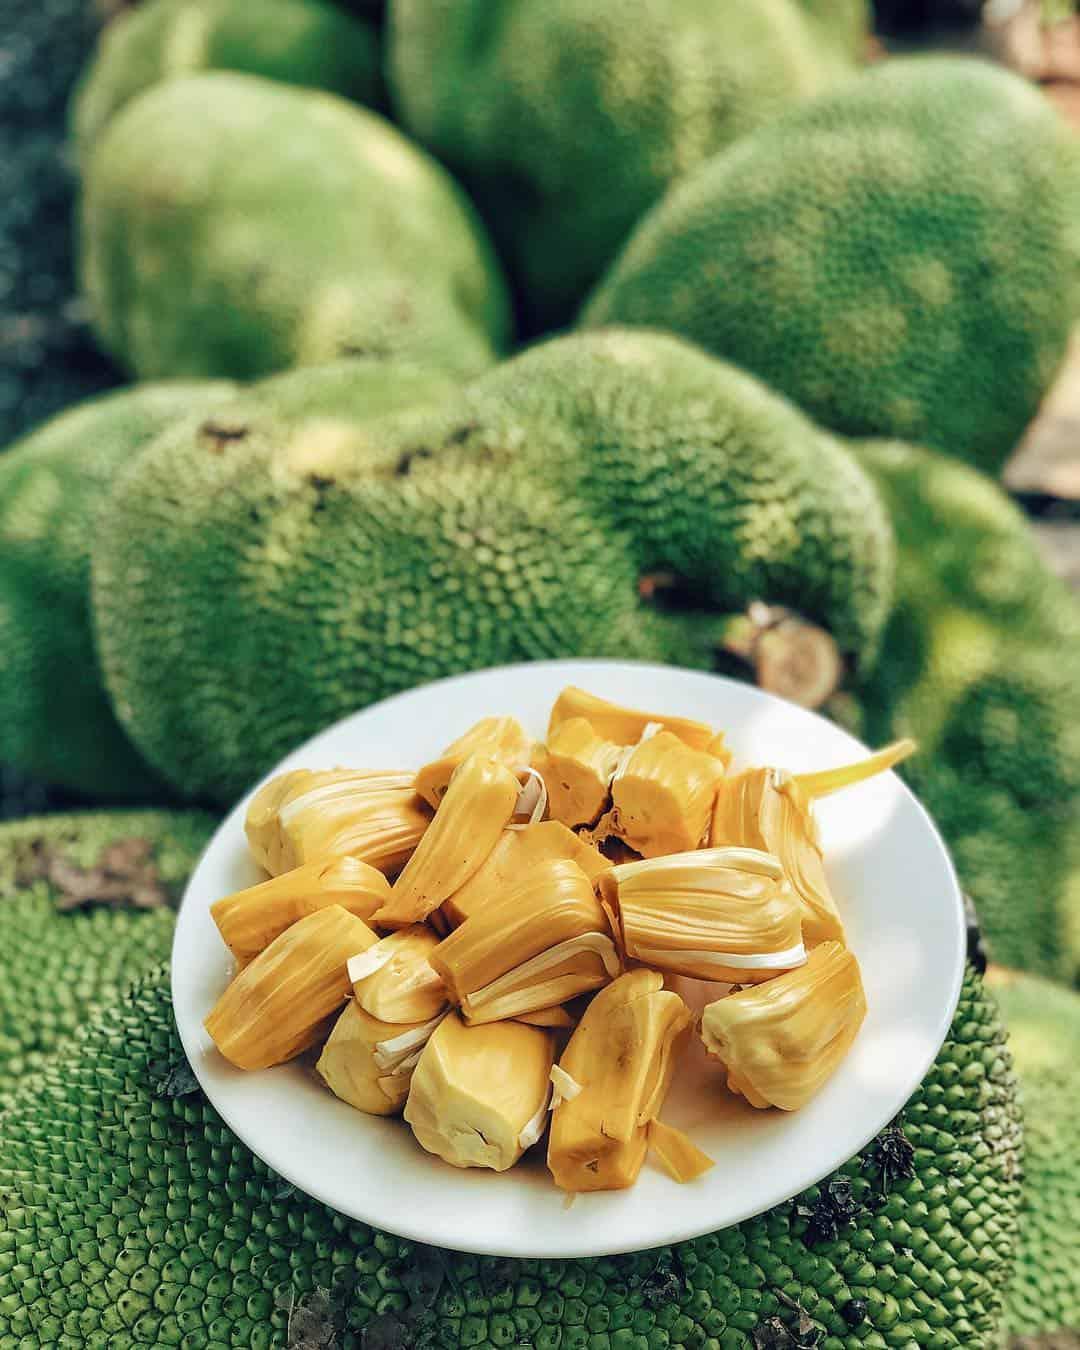 The yellow jackfruit is fragrant